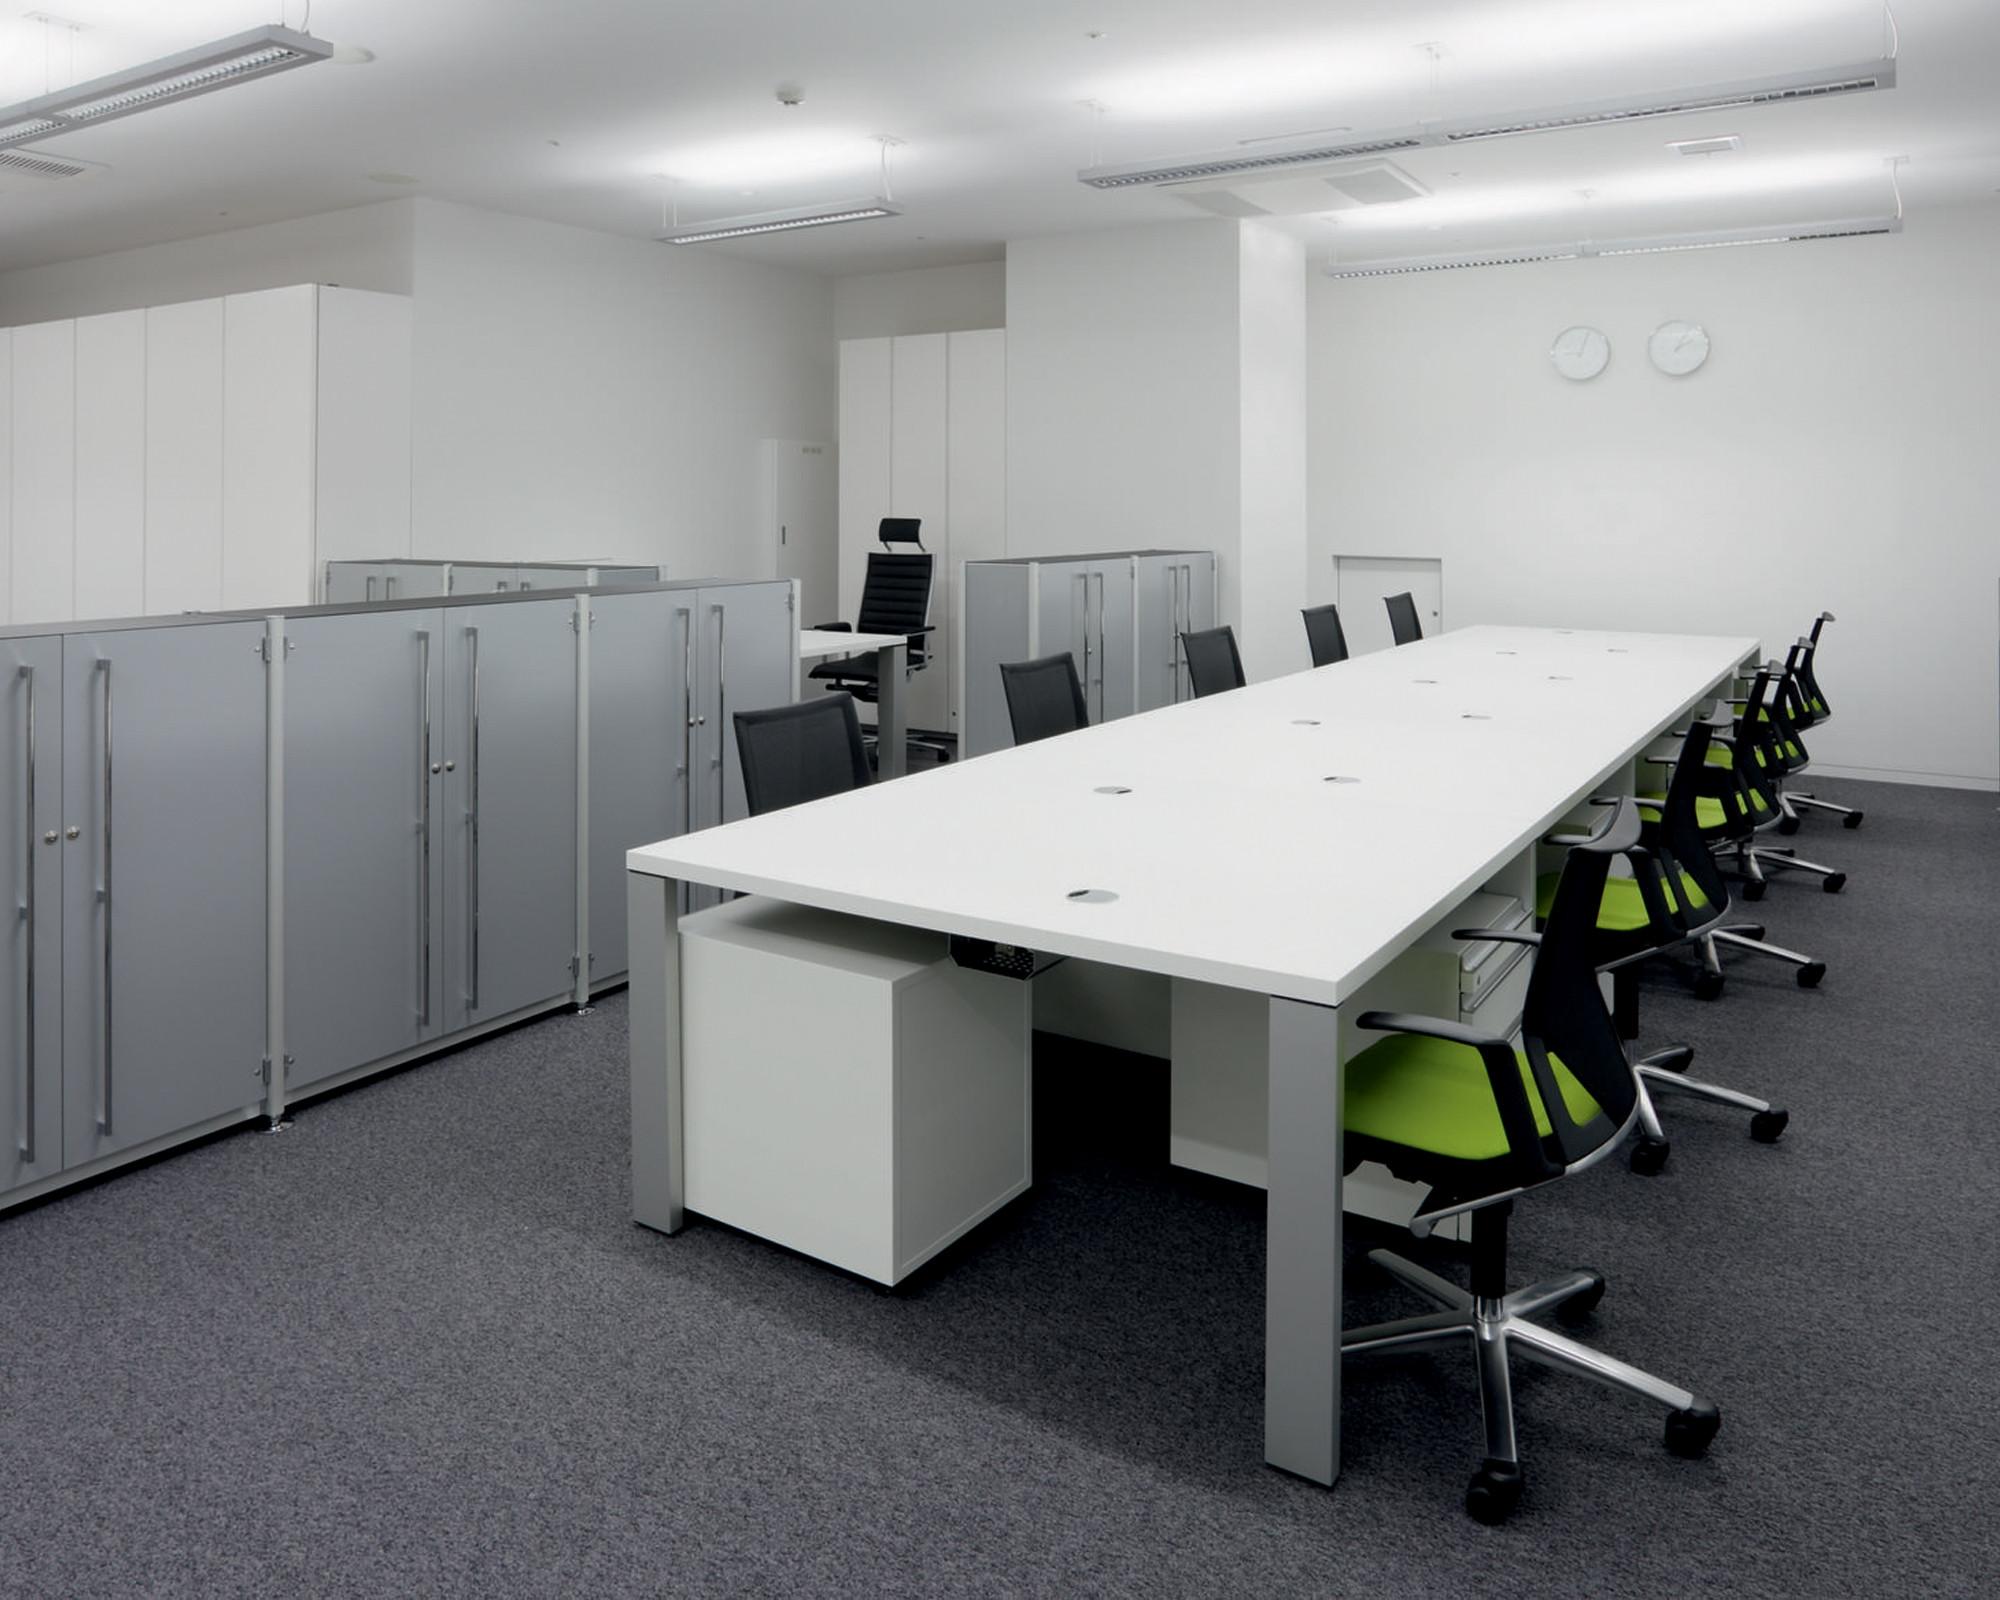 Wilkhahn Modus Compact Desk Chairs